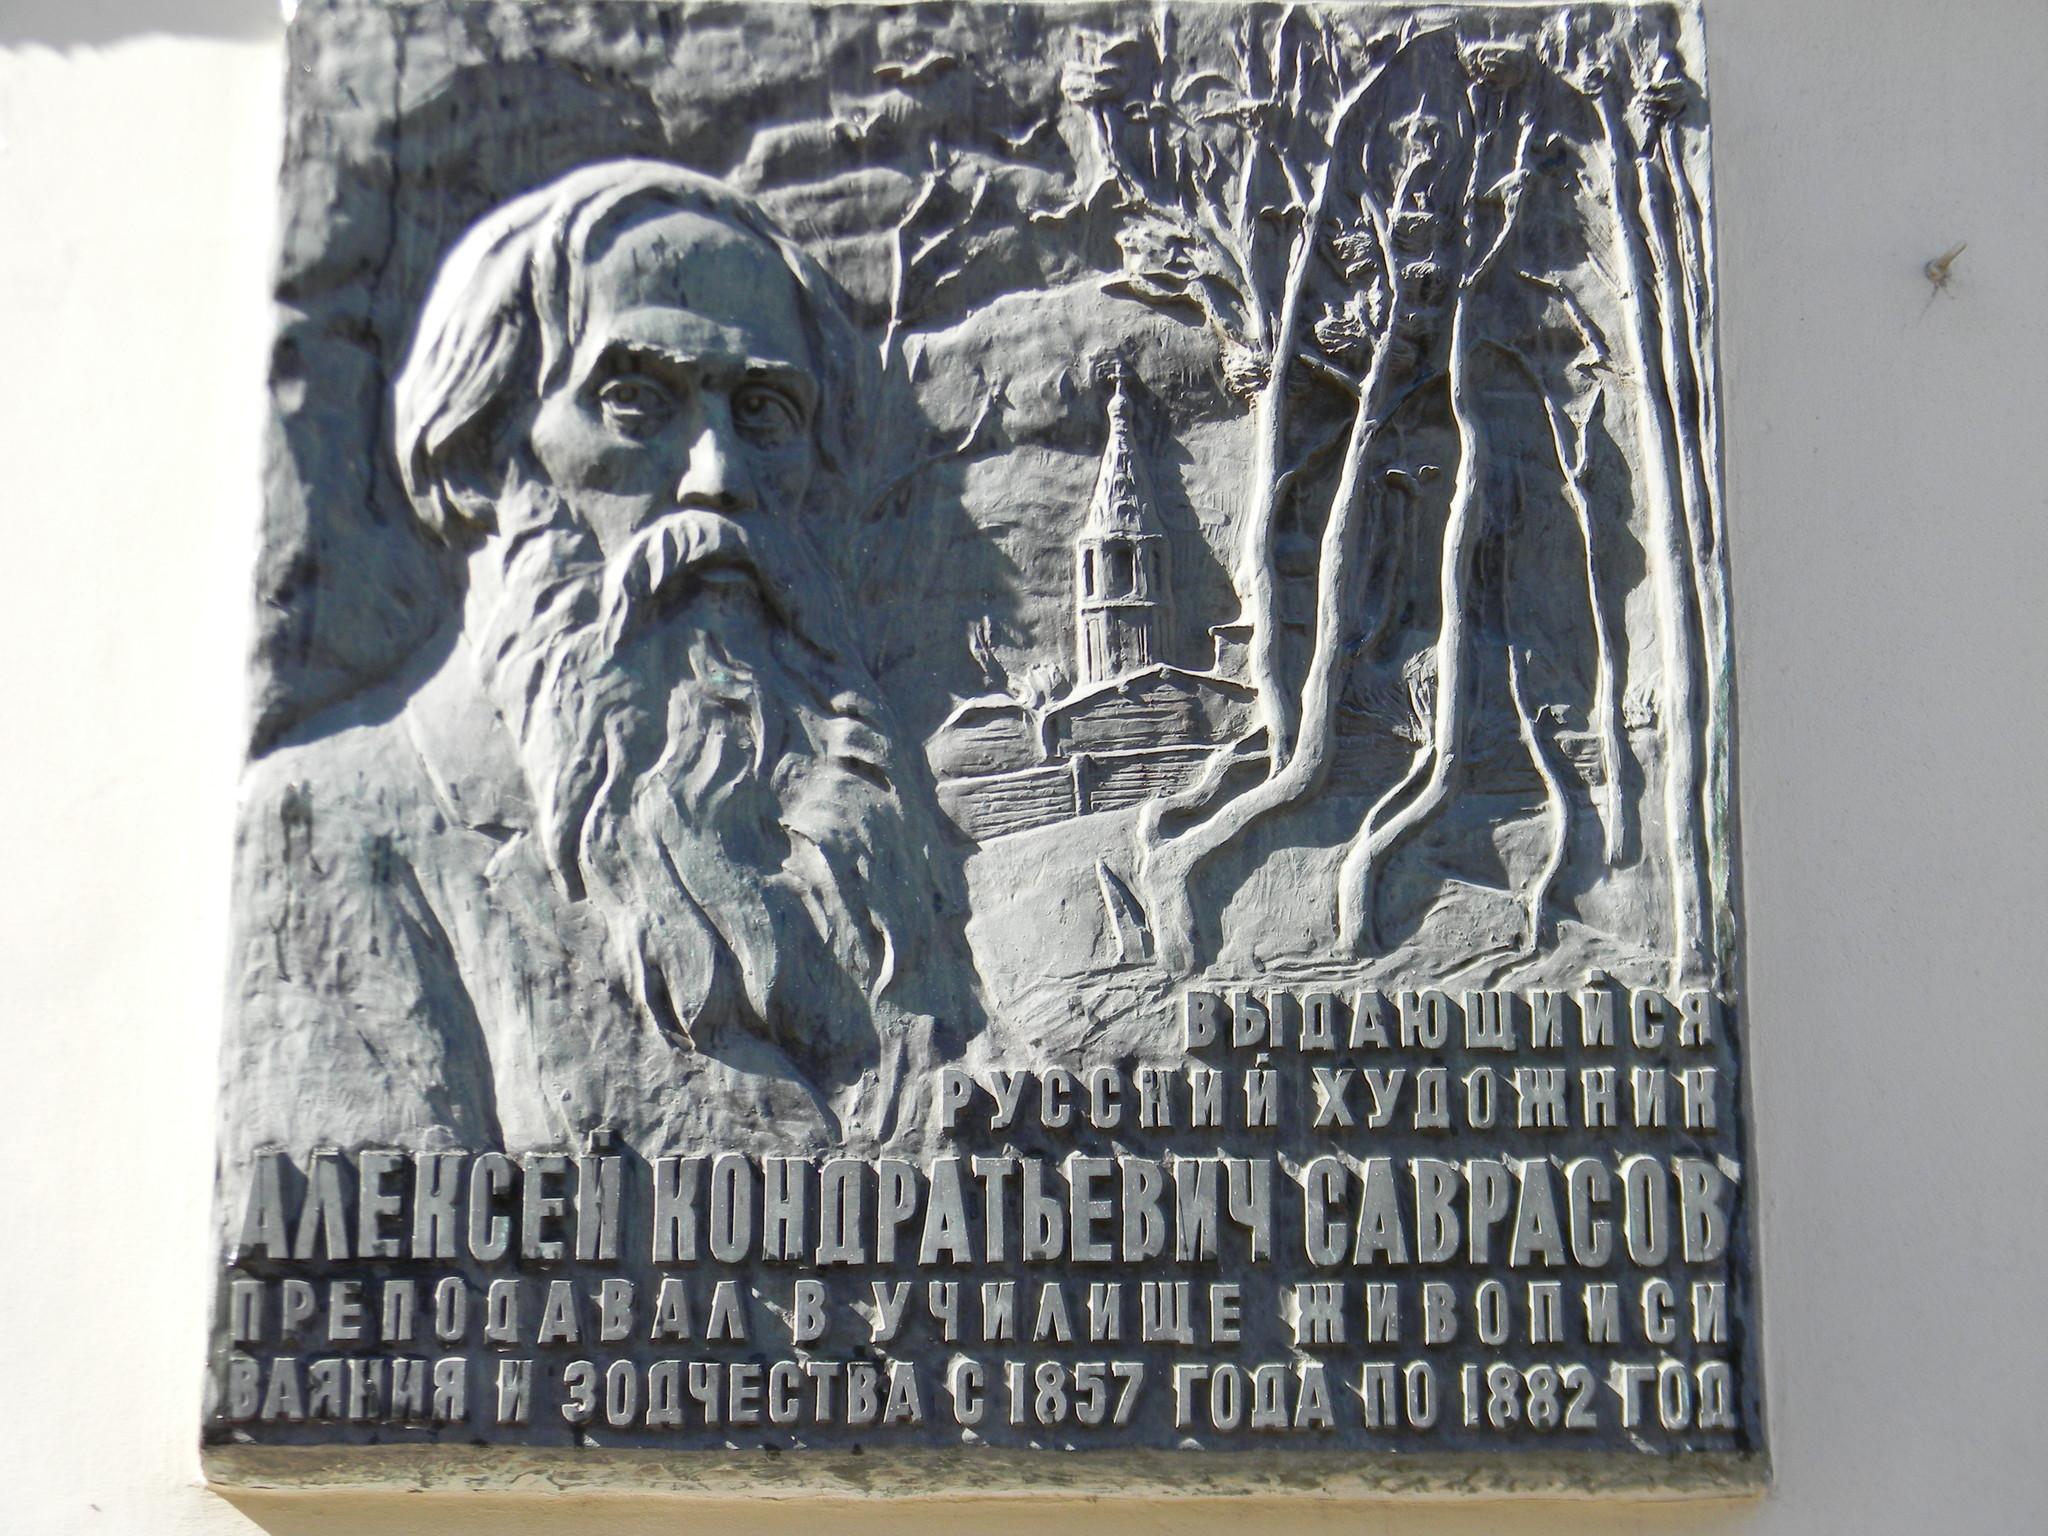 Мемориальная доска Алексею Кондратьевичу Саврасову (Мясницкая улица, дом 21)